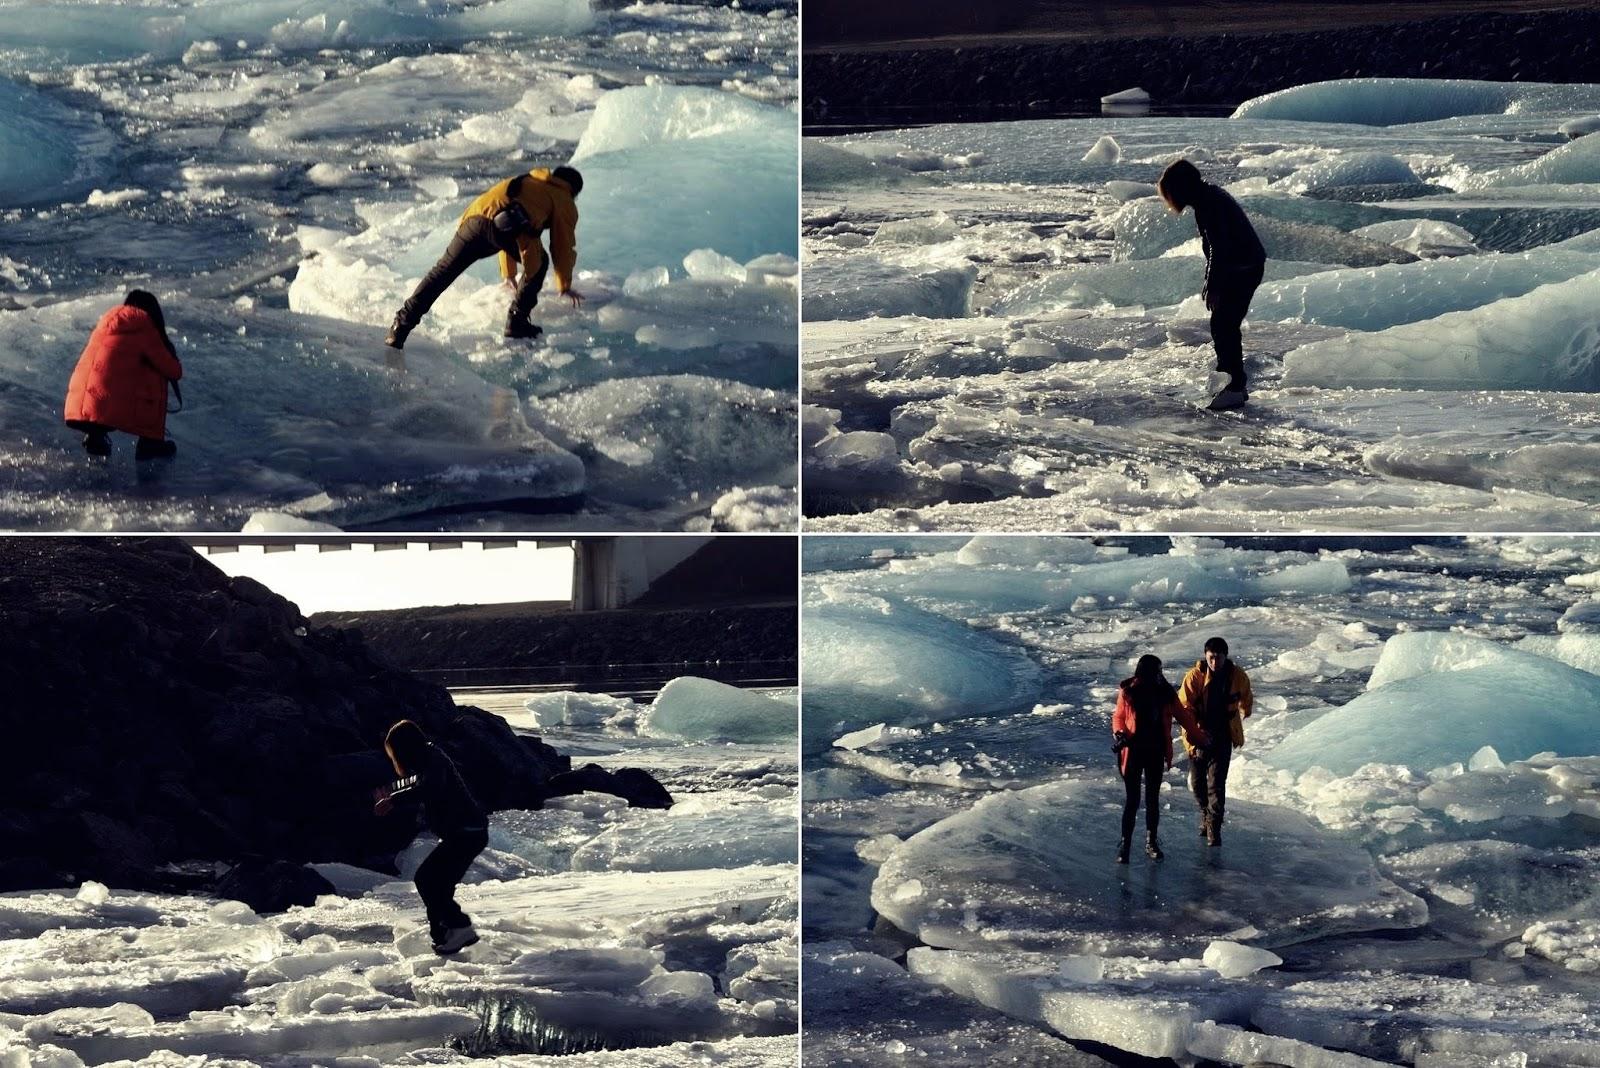 turyści, lodowiec, Islandia, Jokulsarlon, głupi turyści